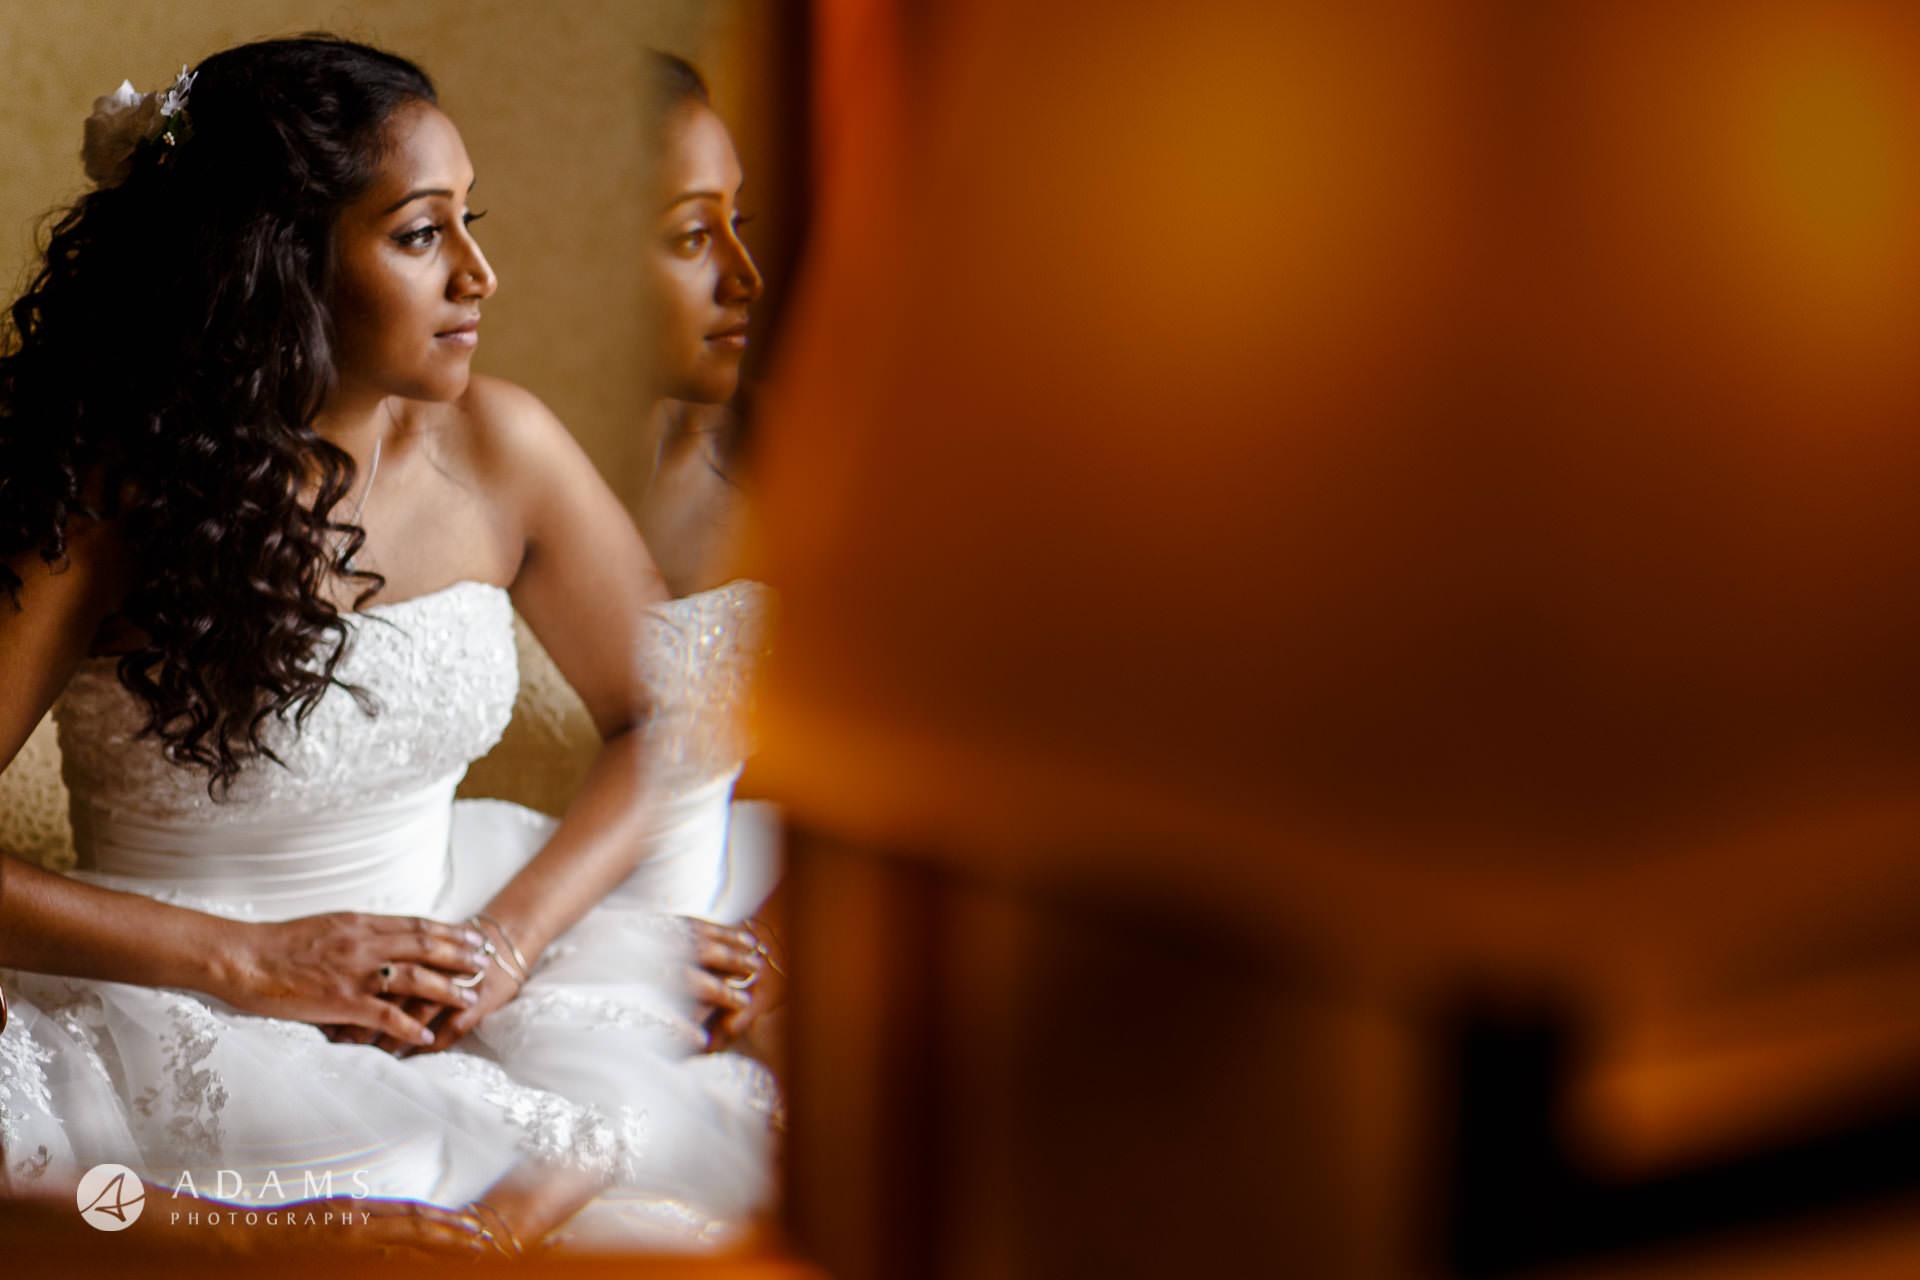 Windsor Racecourse Wedding Photographer | Saranya + Gobi 9